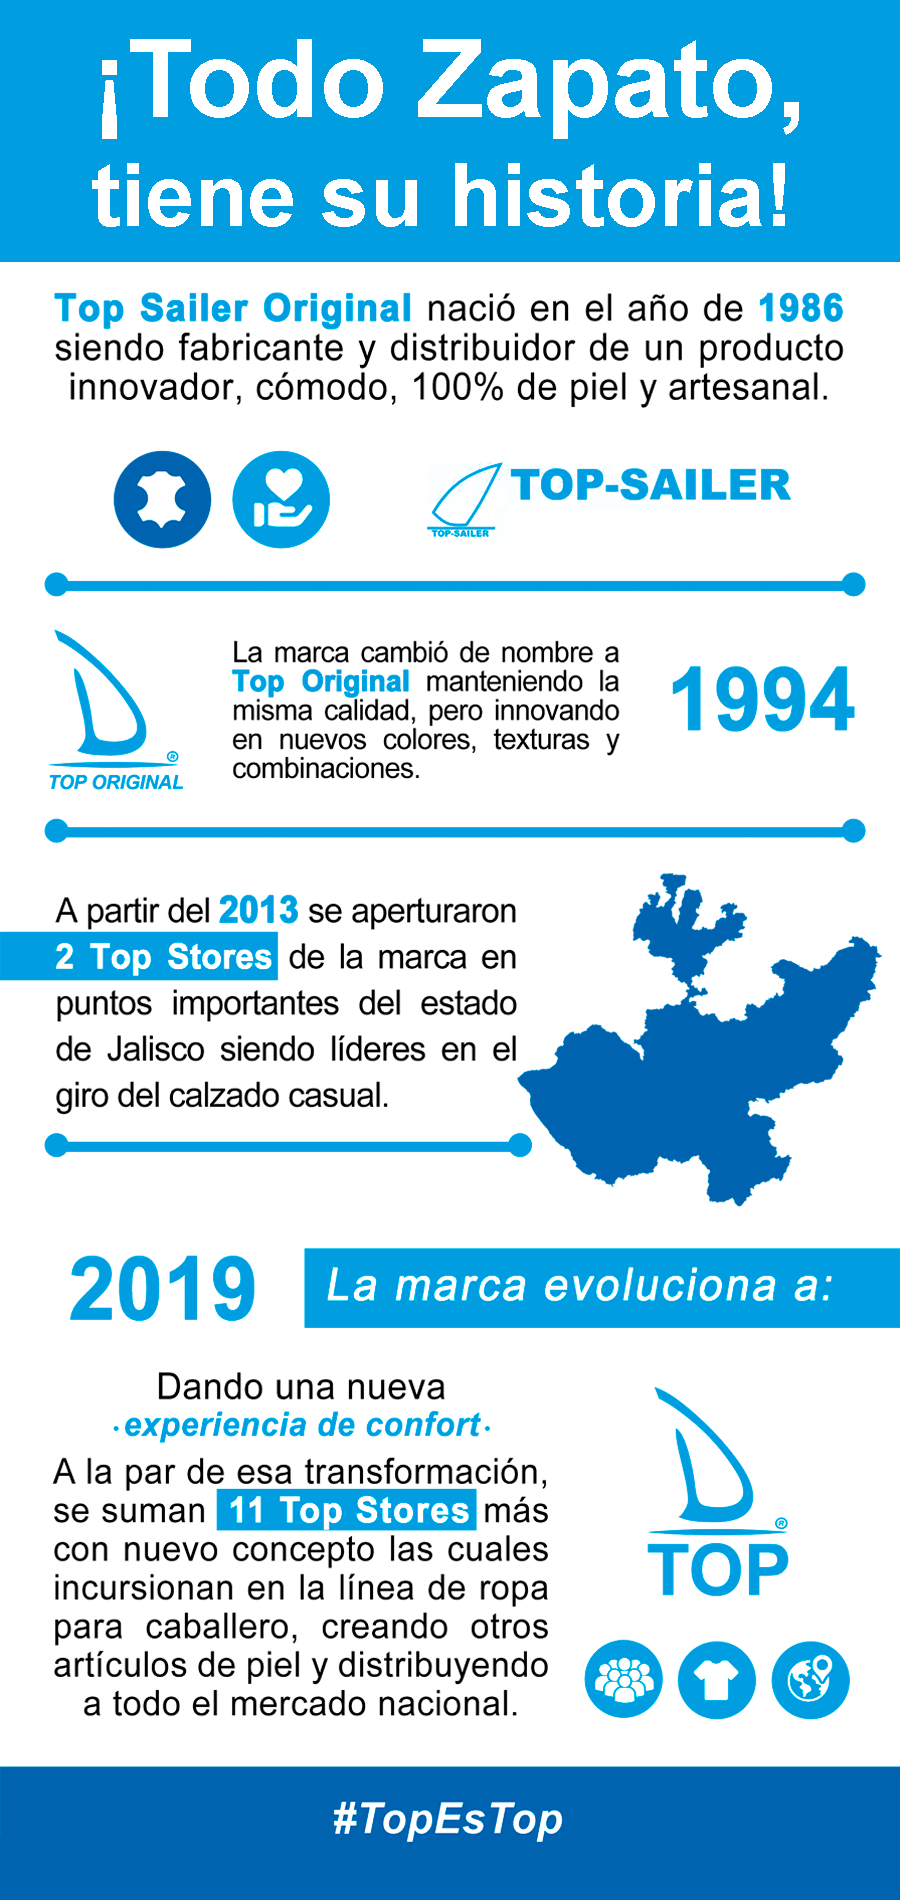 Historia-Top-Sailer-Original